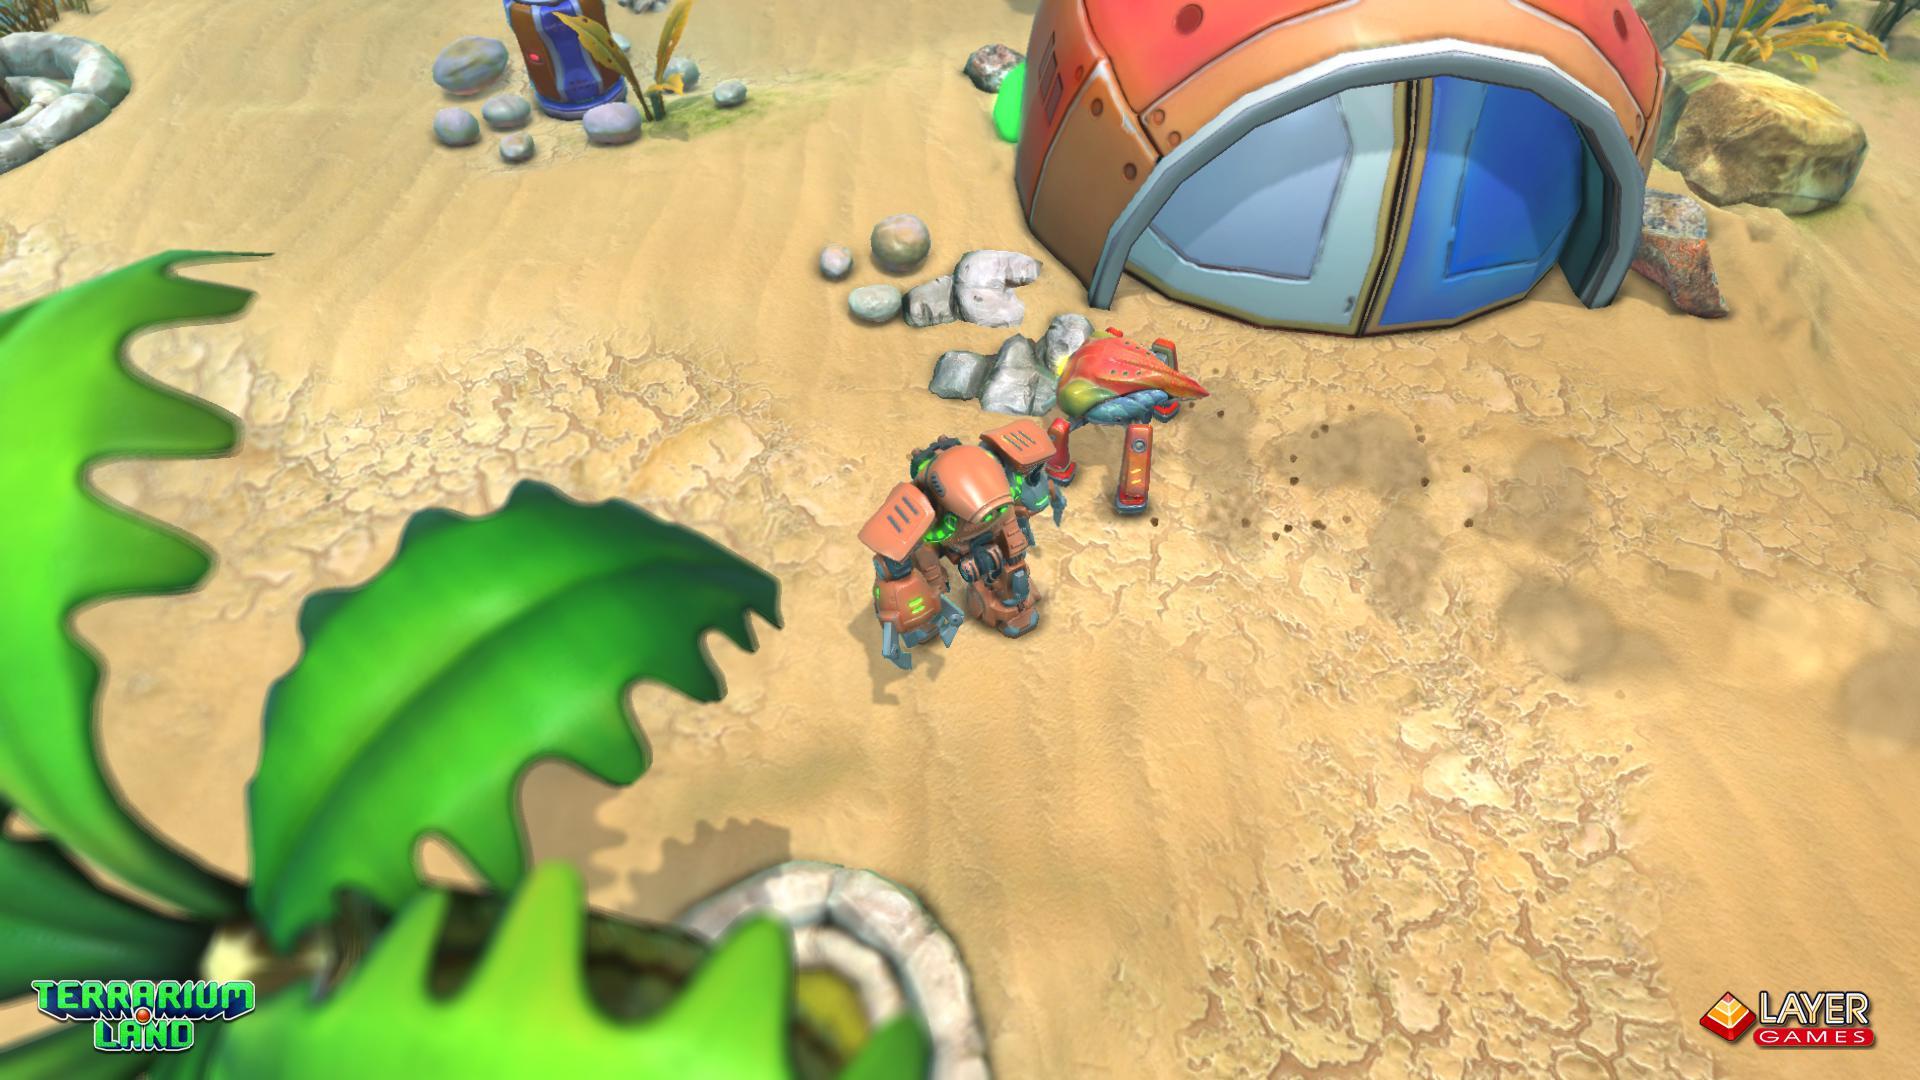 """3d игра """"Terrarium Land"""" весной выходит в Steam. - Изображение 3"""